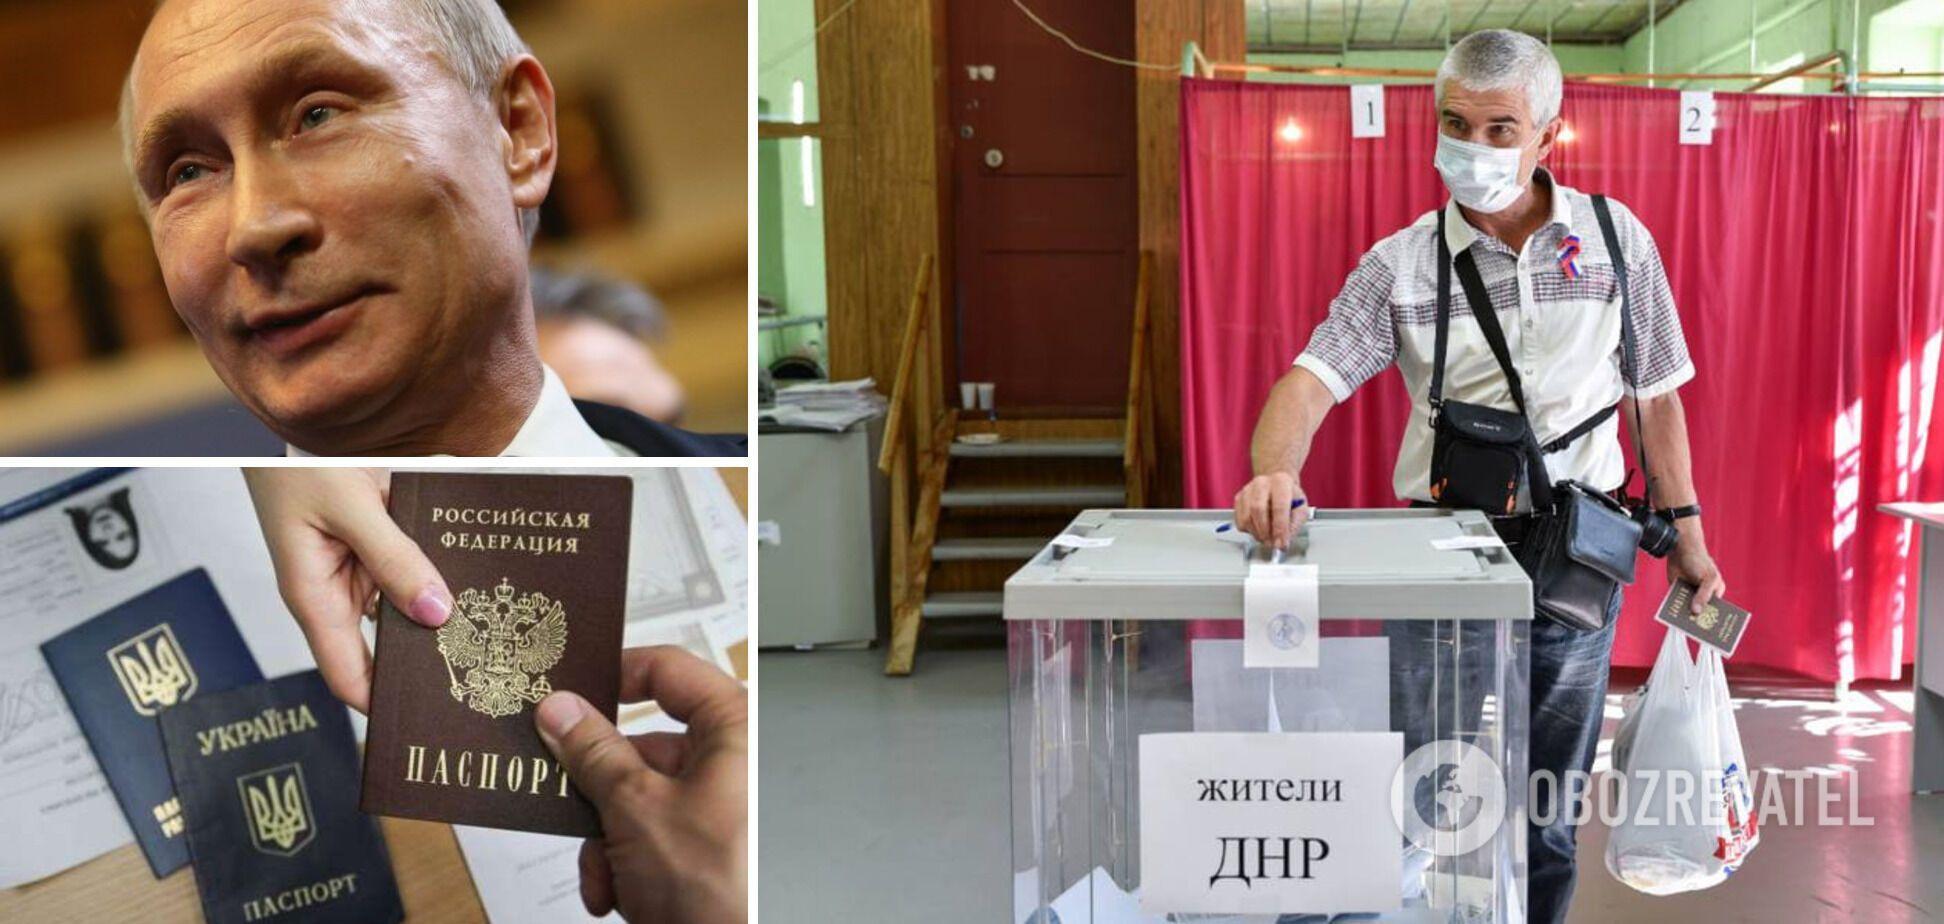 Выборы в РФ: паспортоносцев из 'ЛДНР' загоняют в лепрозорий